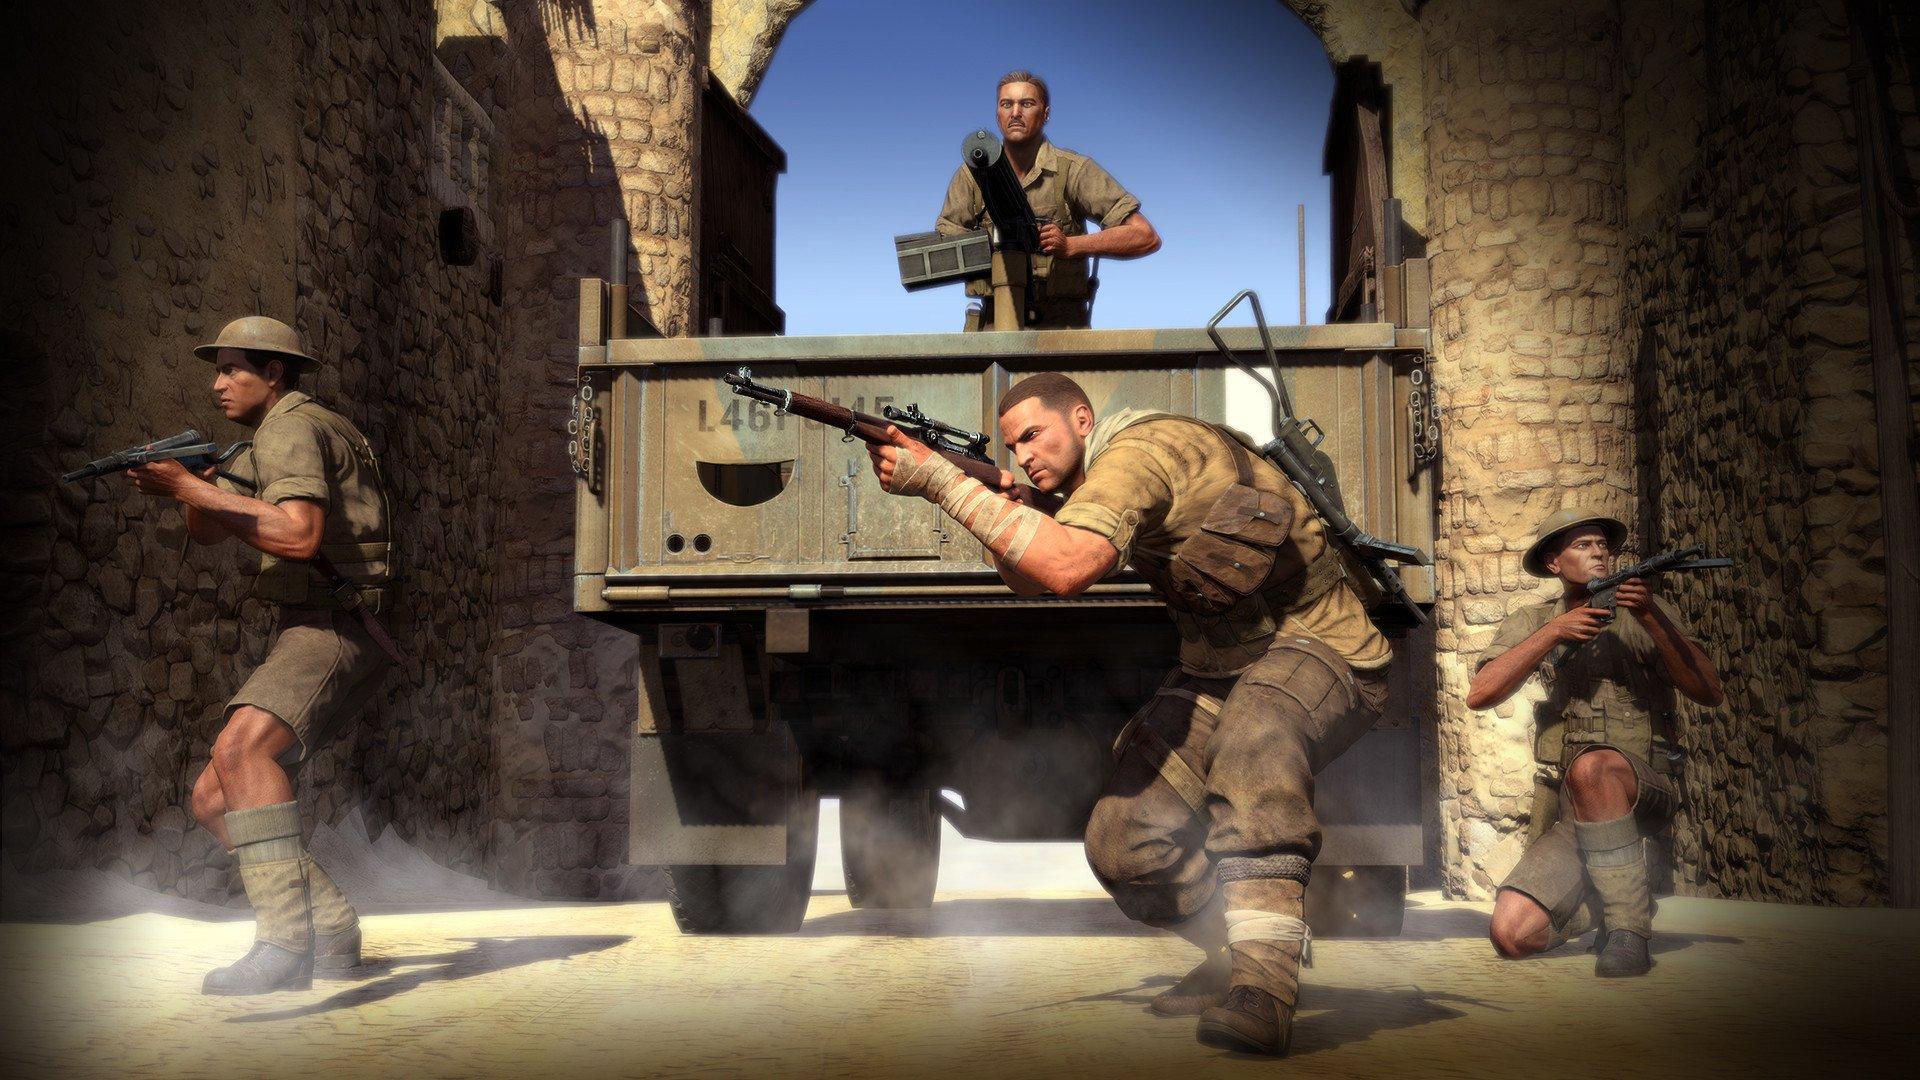 sniper_elite_3-2566318.jpg